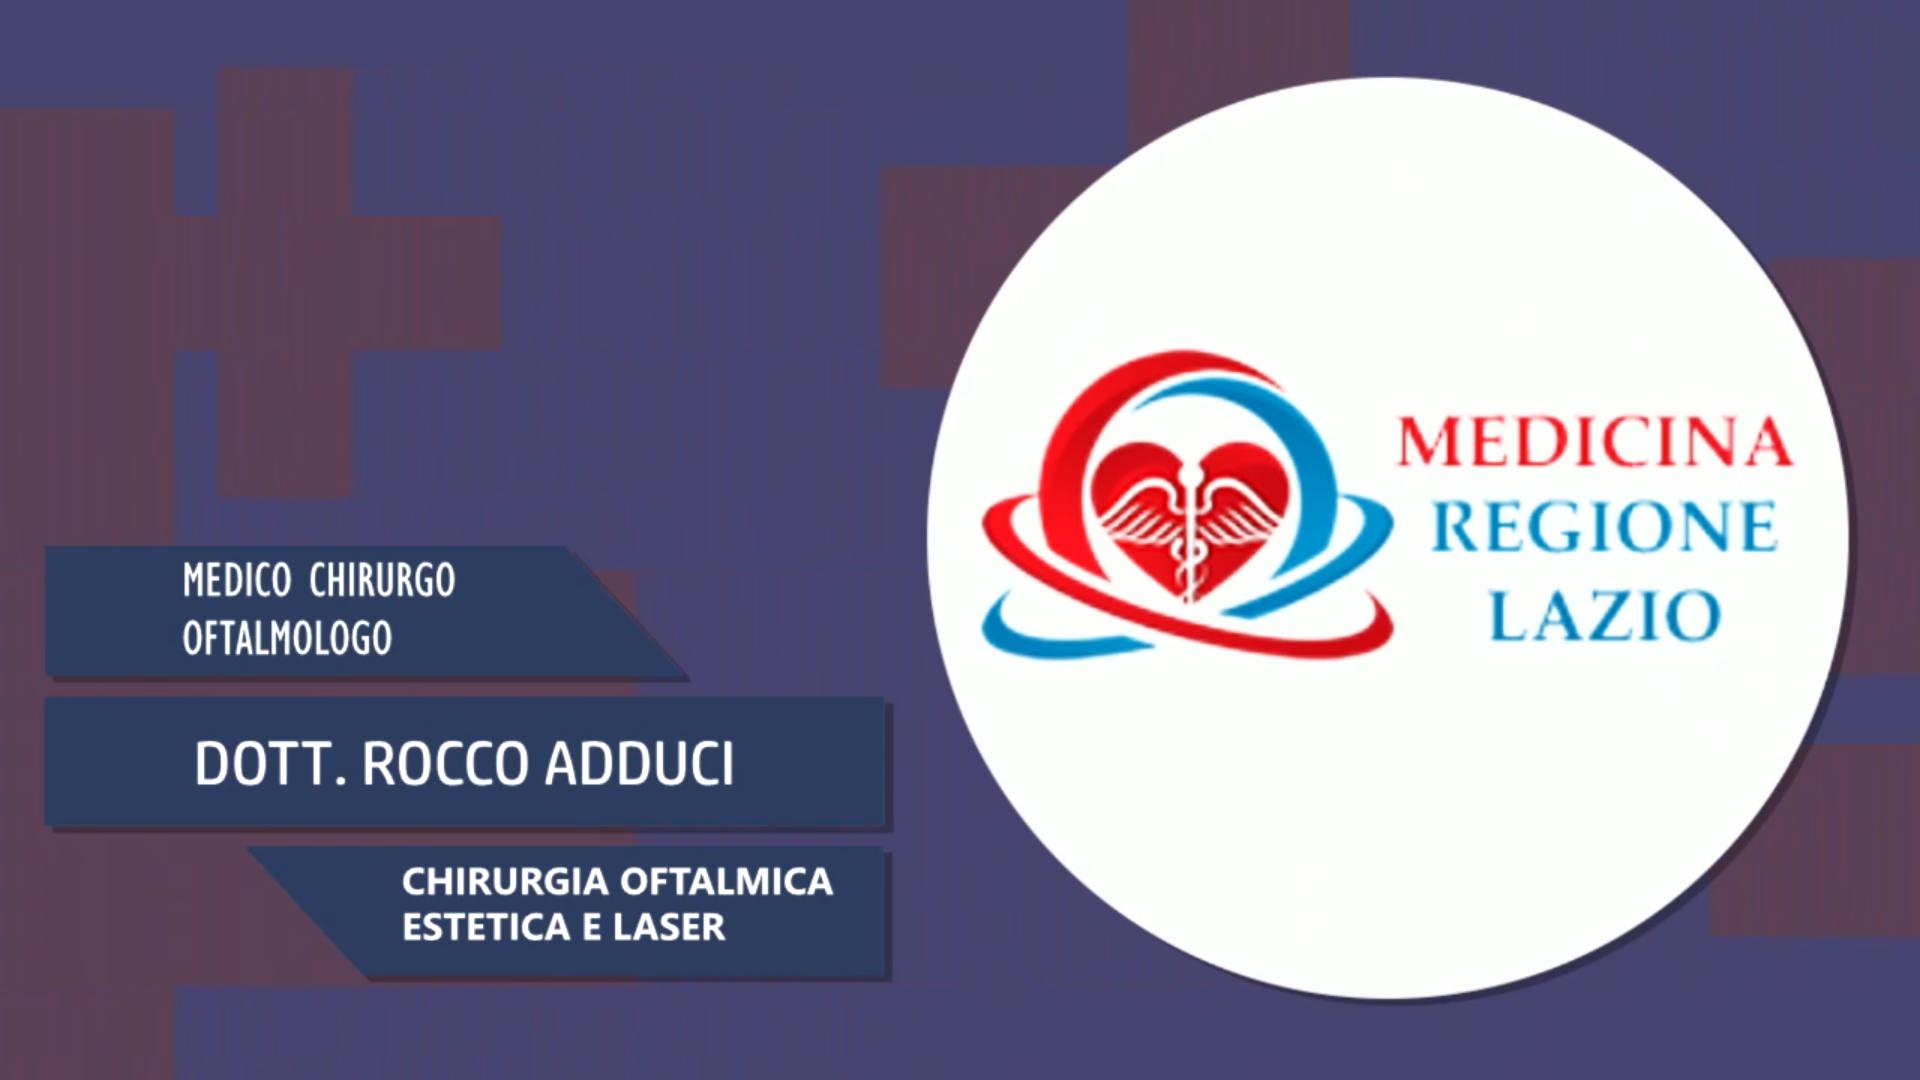 Intervista al Dott. Rocco Adduci – Chirurgia oftalmica estetica e laser